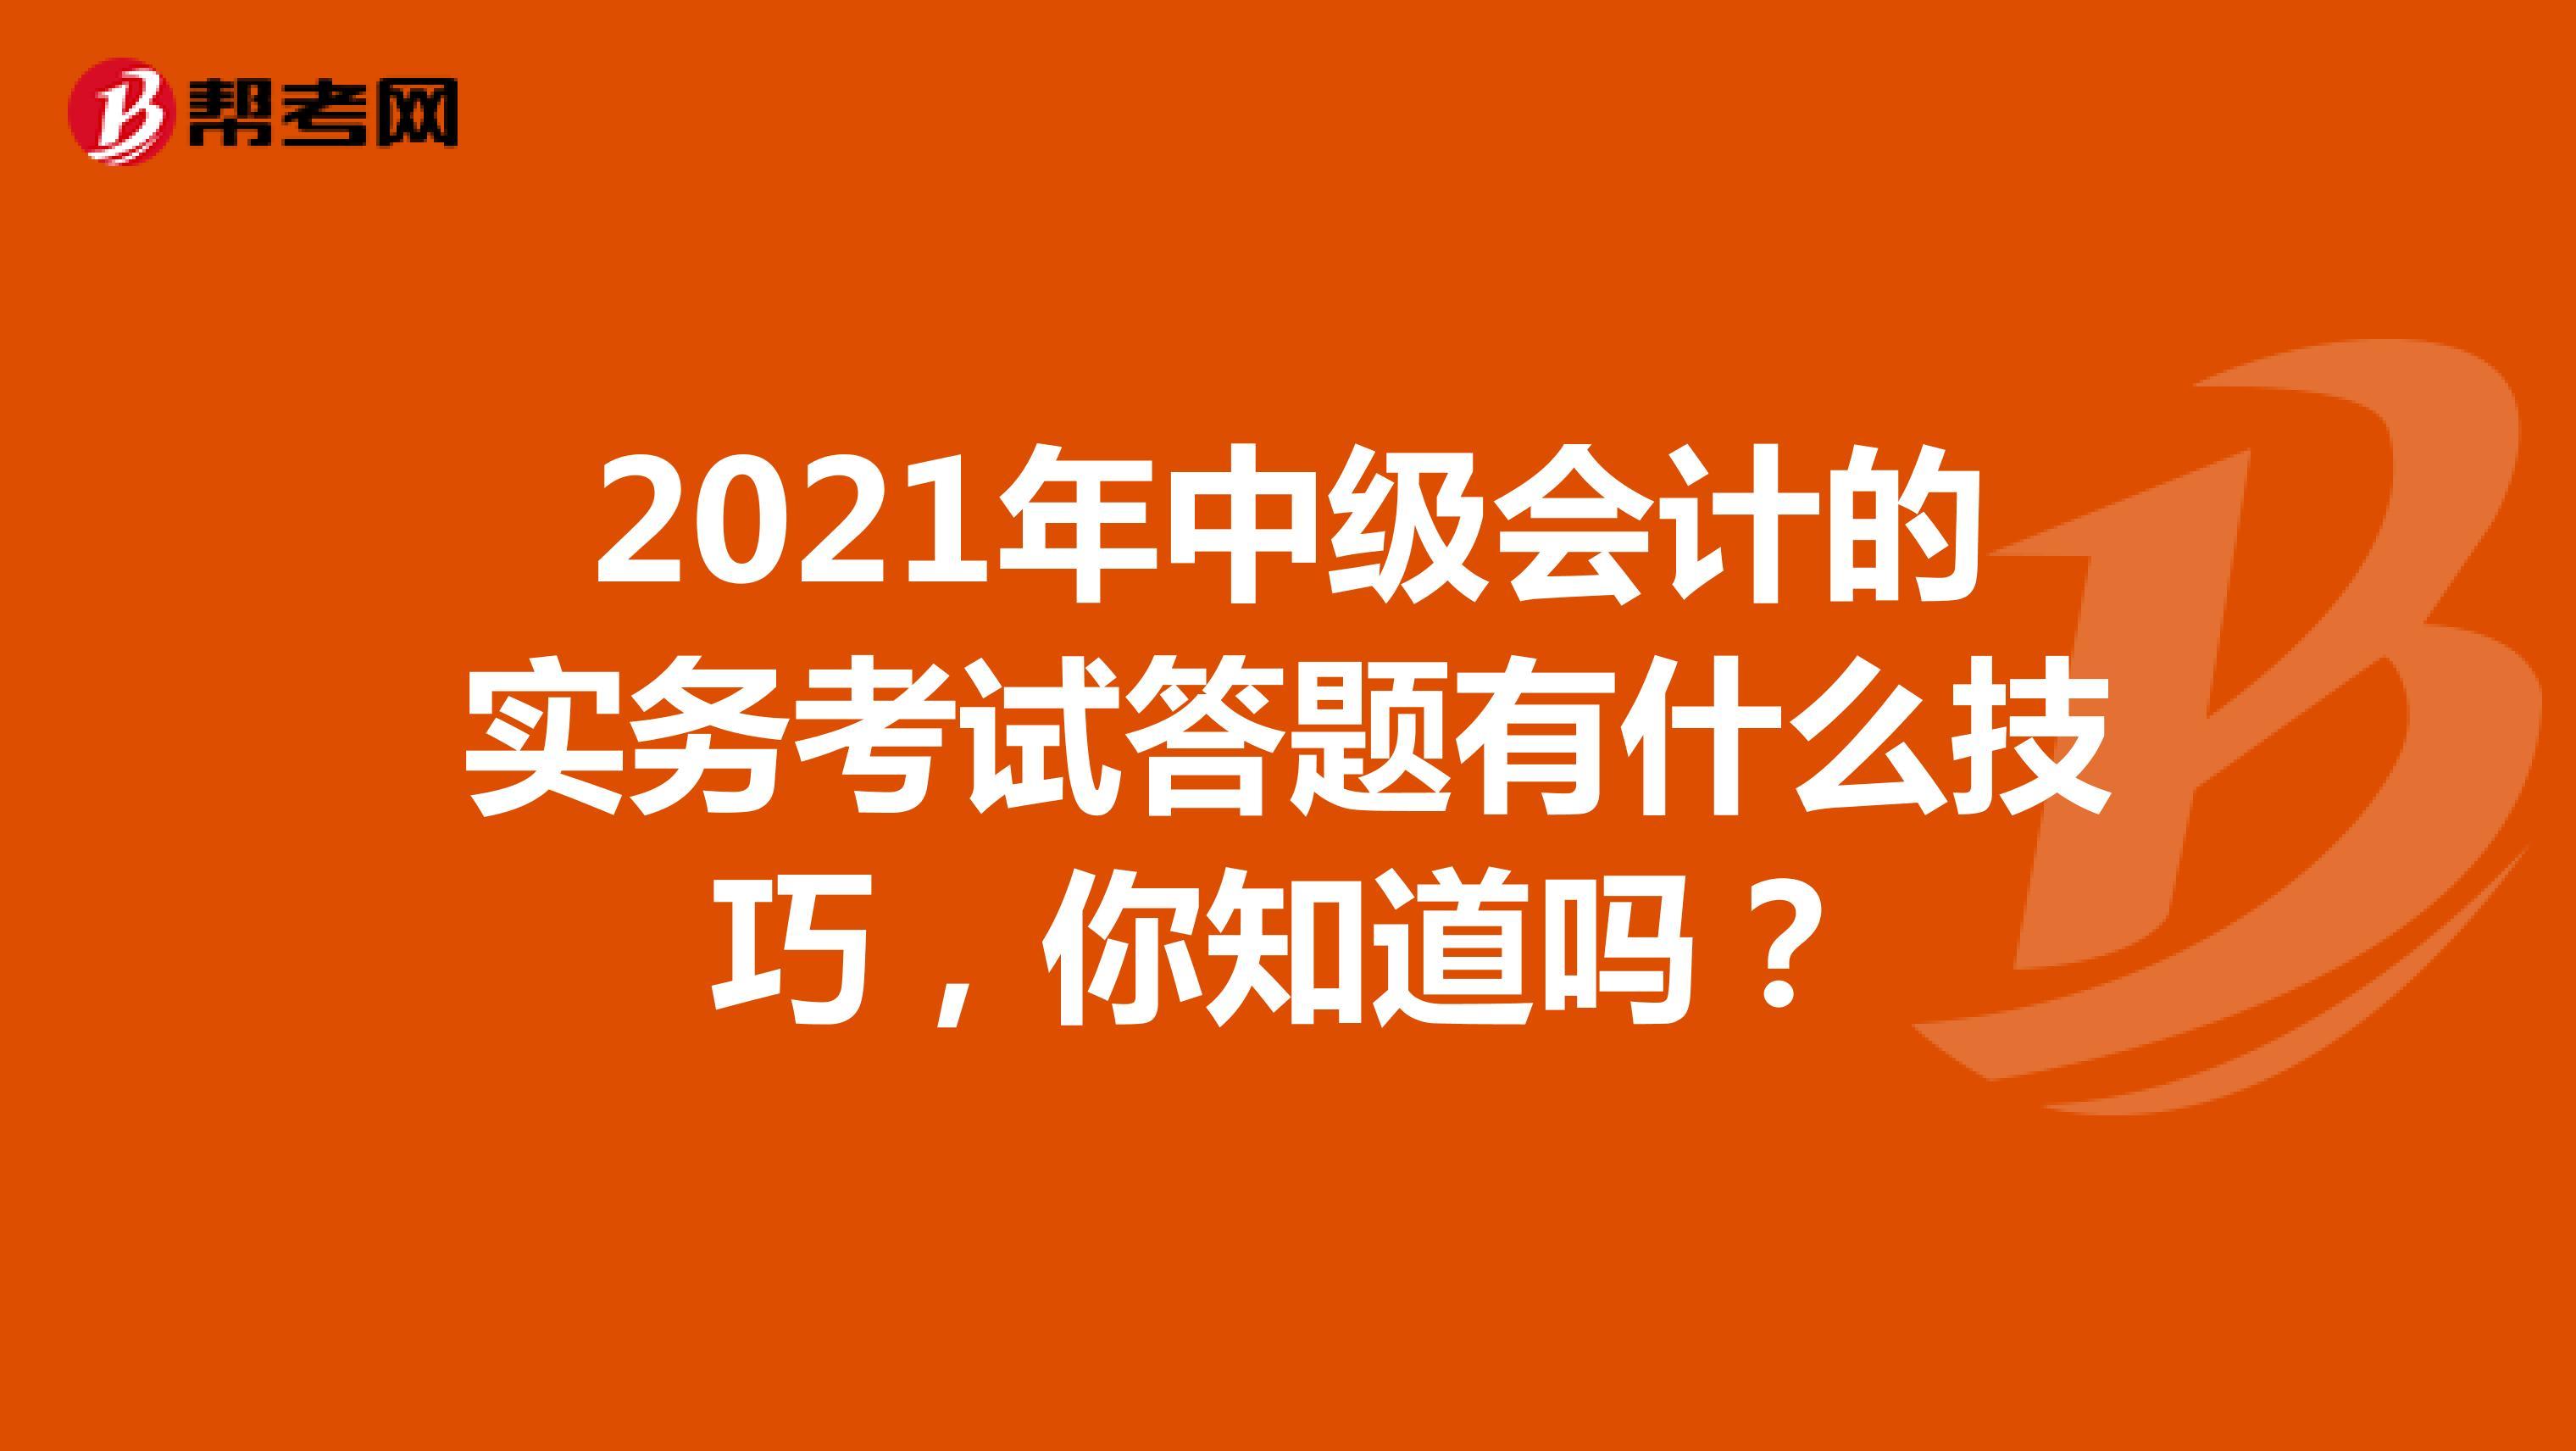 2021年中级会计的实务考试答题有什么技巧,你知道吗?